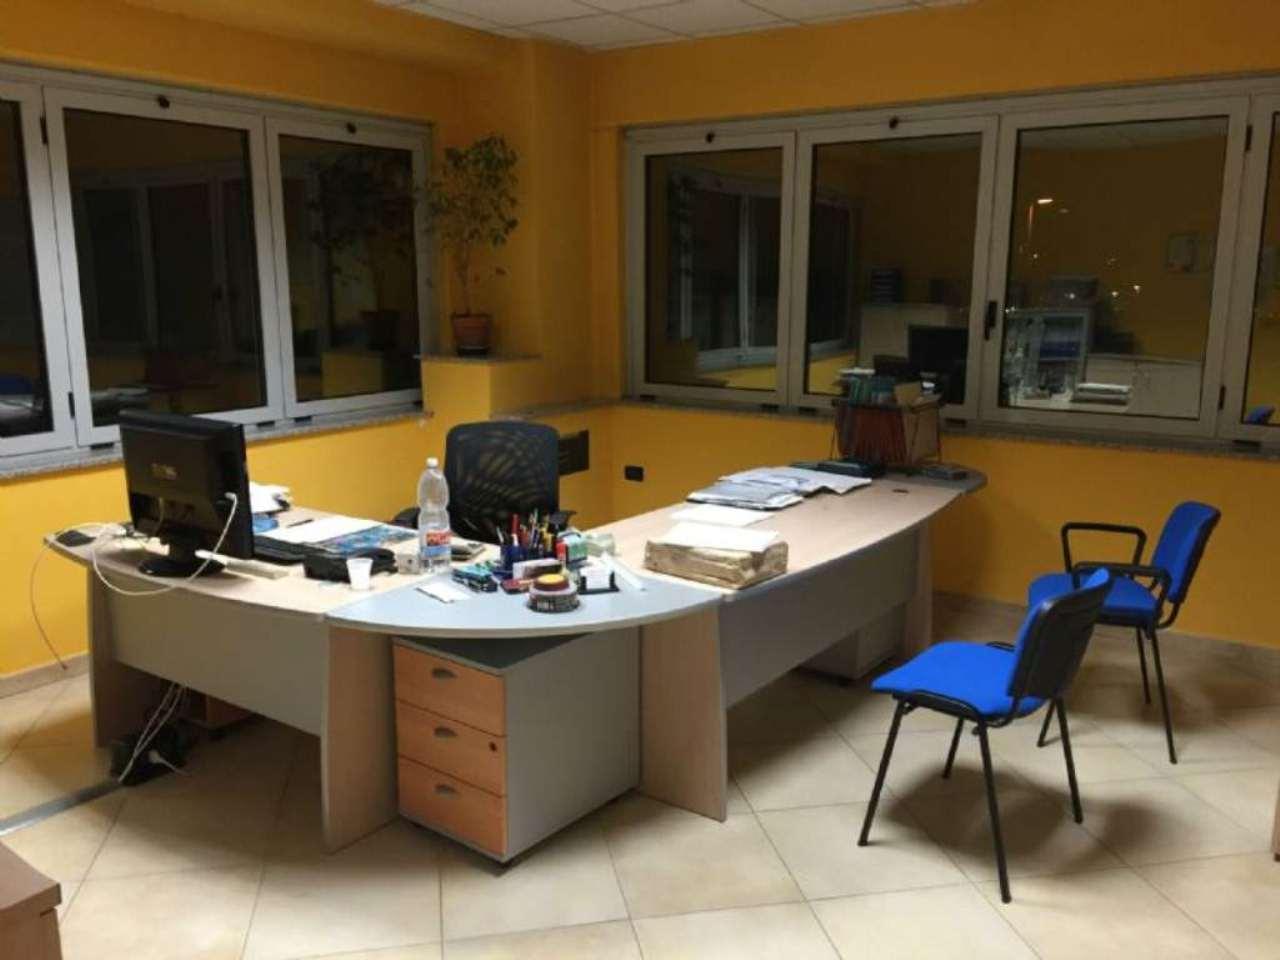 Capannone in vendita a Givoletto, 1 locali, prezzo € 219.000 | CambioCasa.it